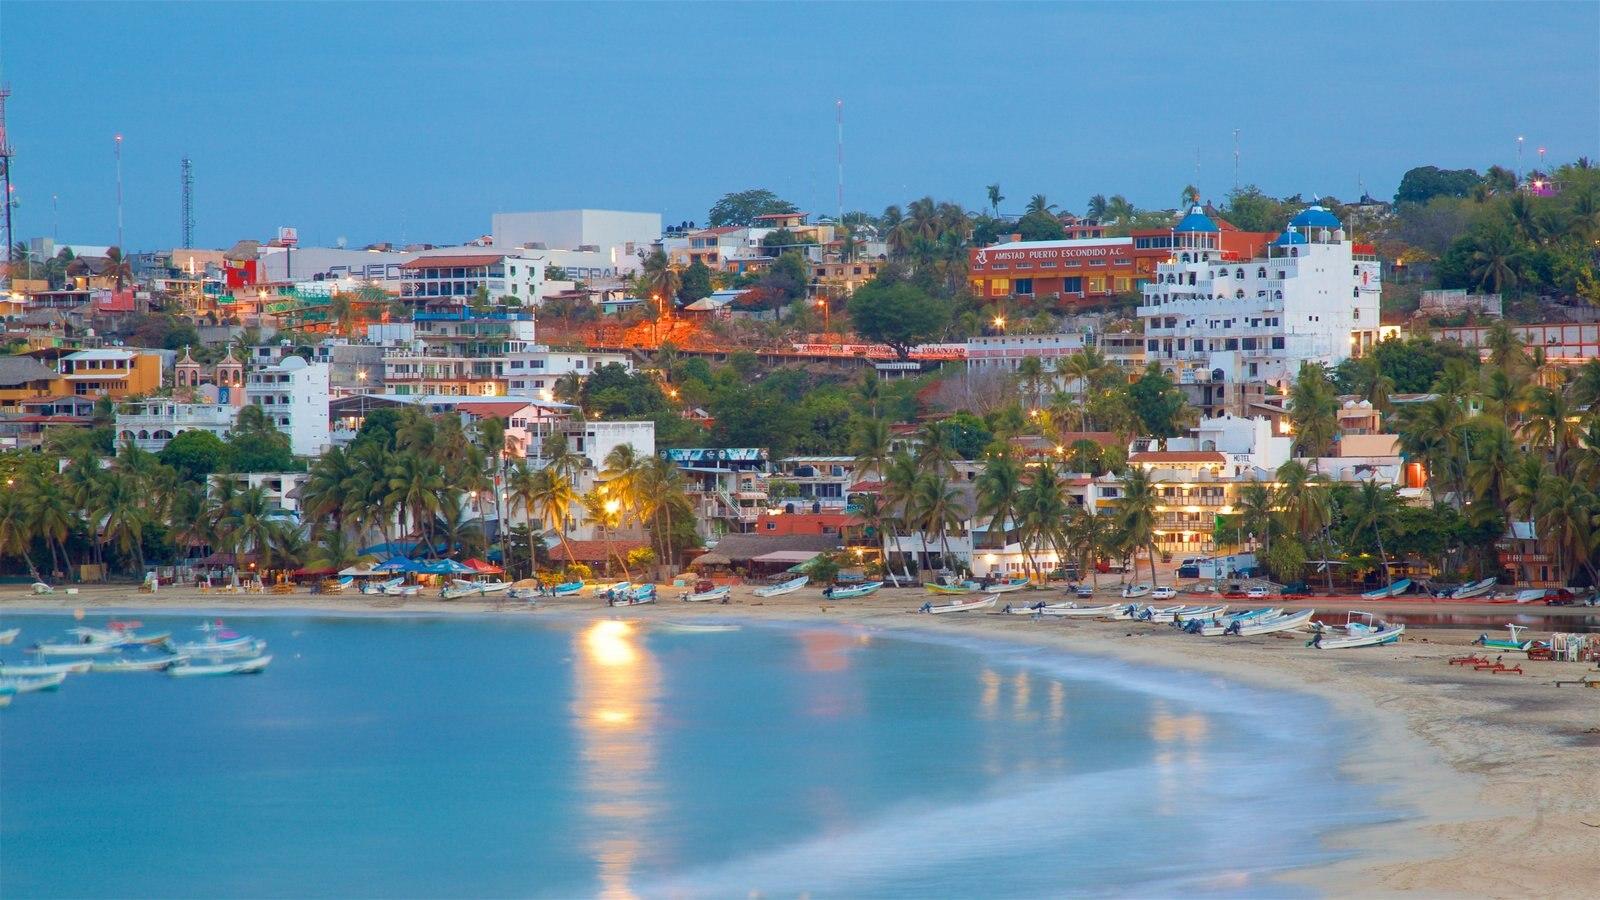 Puerto Escondido mostrando una playa, vistas de paisajes y una ciudad costera